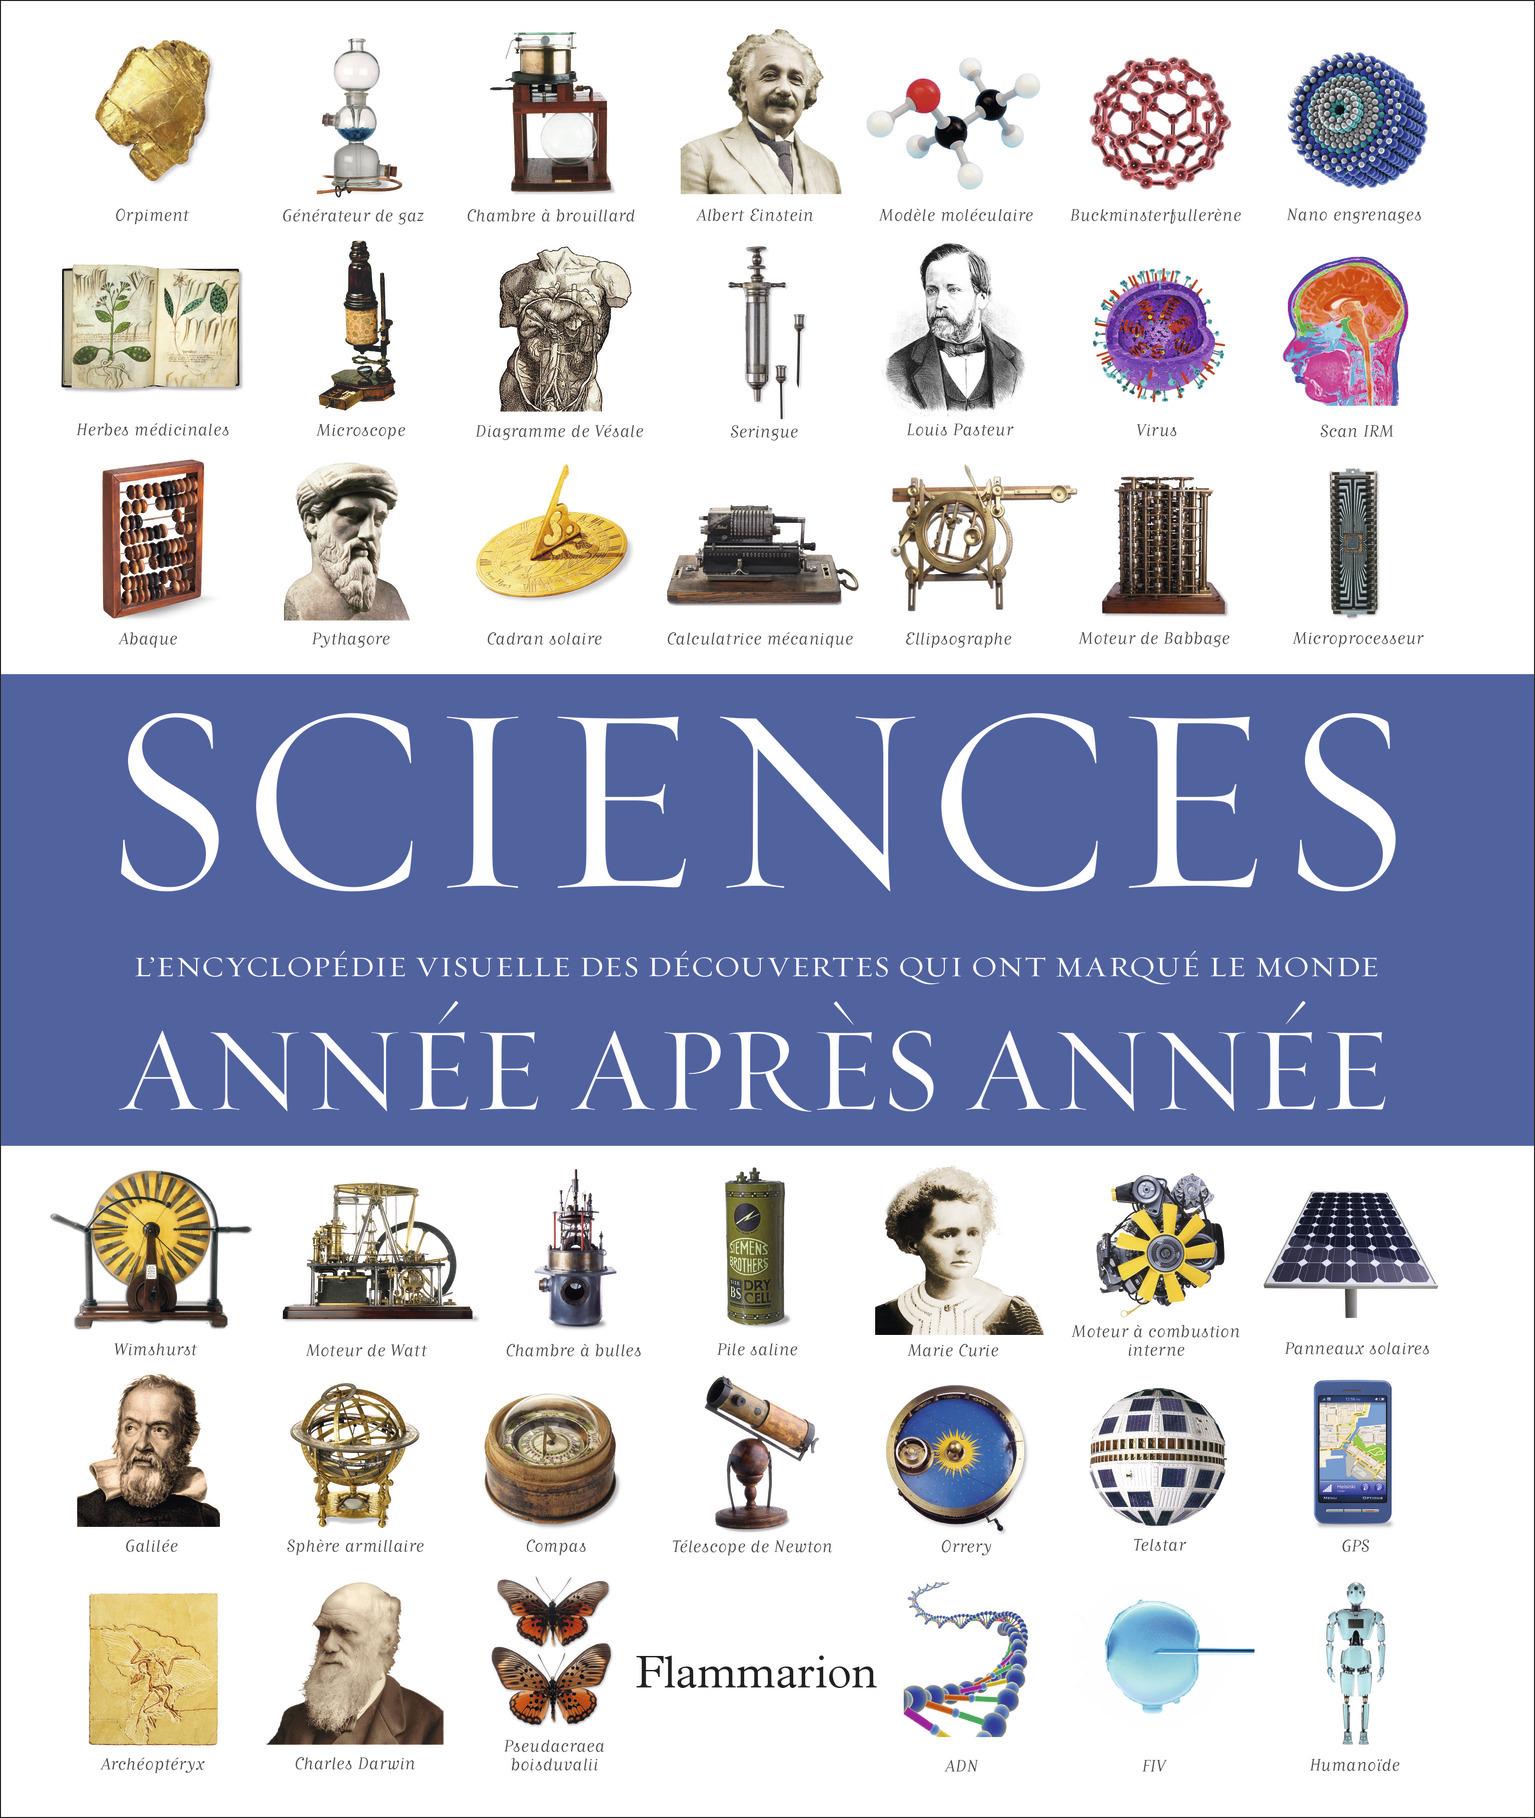 SCIENCES, ANNEE APRES ANNEE